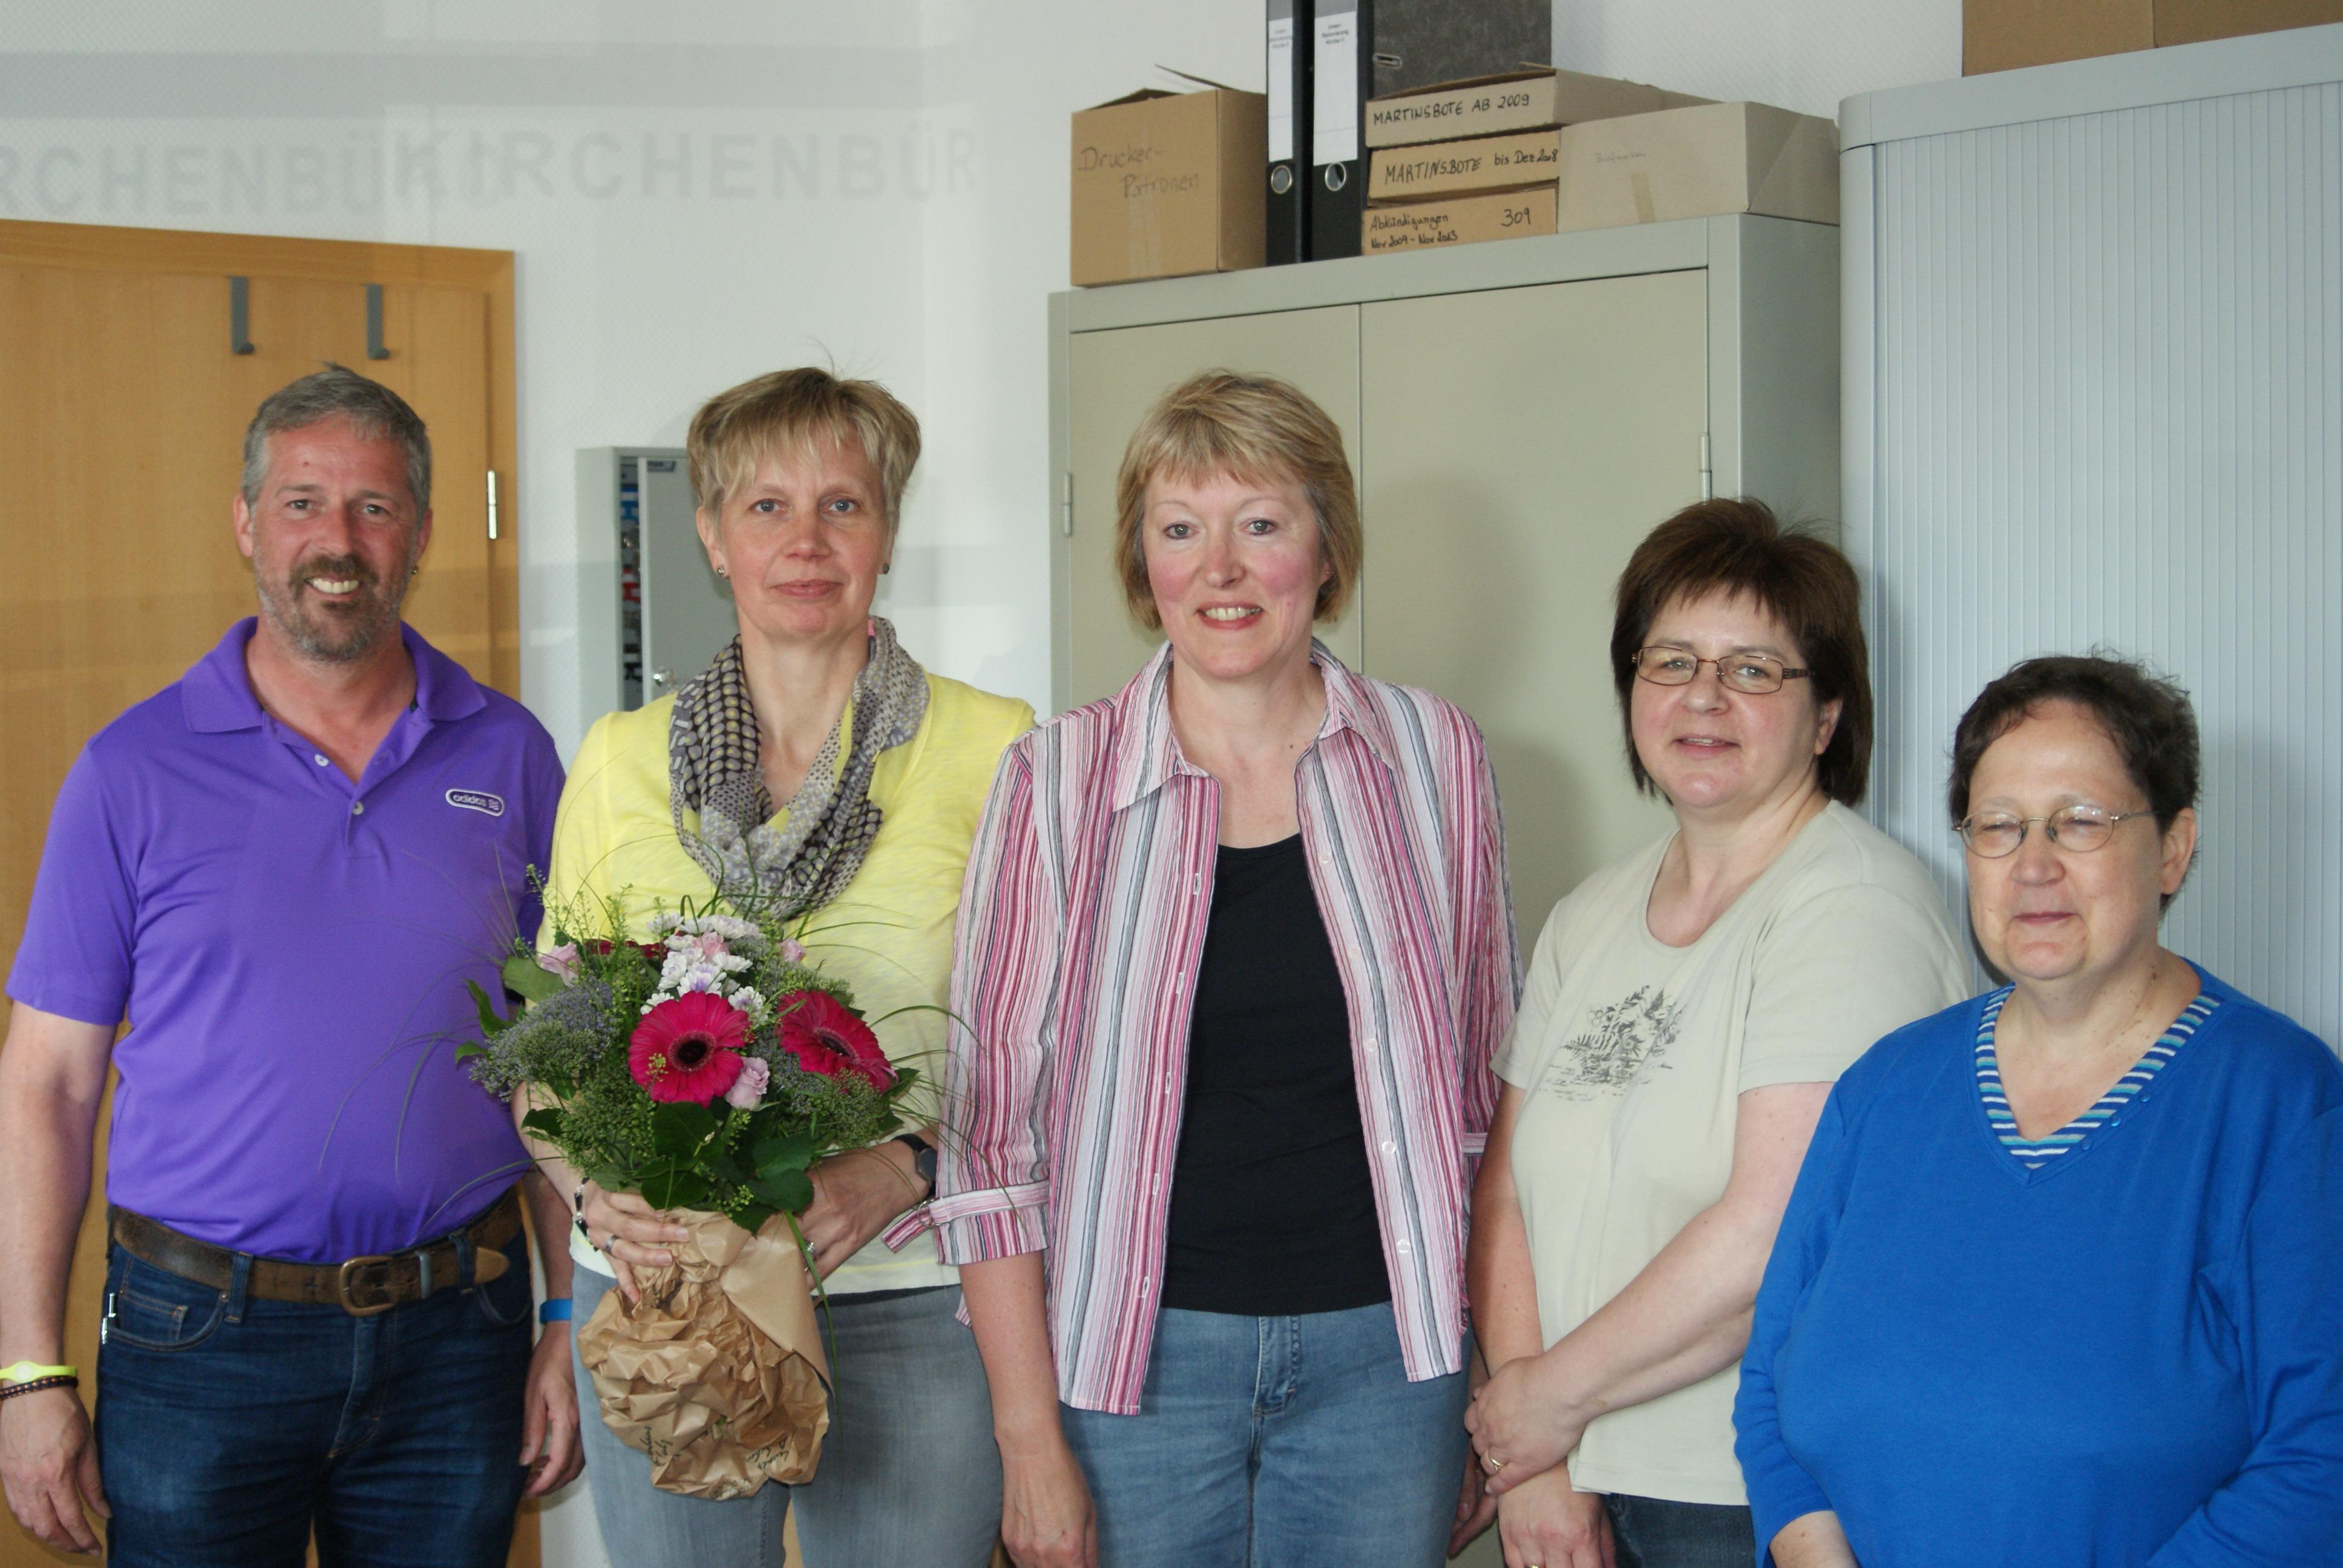 Frau Reil wird an ihrem letzten Arbeitstag im Kirchenbüro verabschiedet: (von links) Herr Meier, Frau Reil, Frau Burdorf, Frau von Rönn und Frau Pastorin Franz